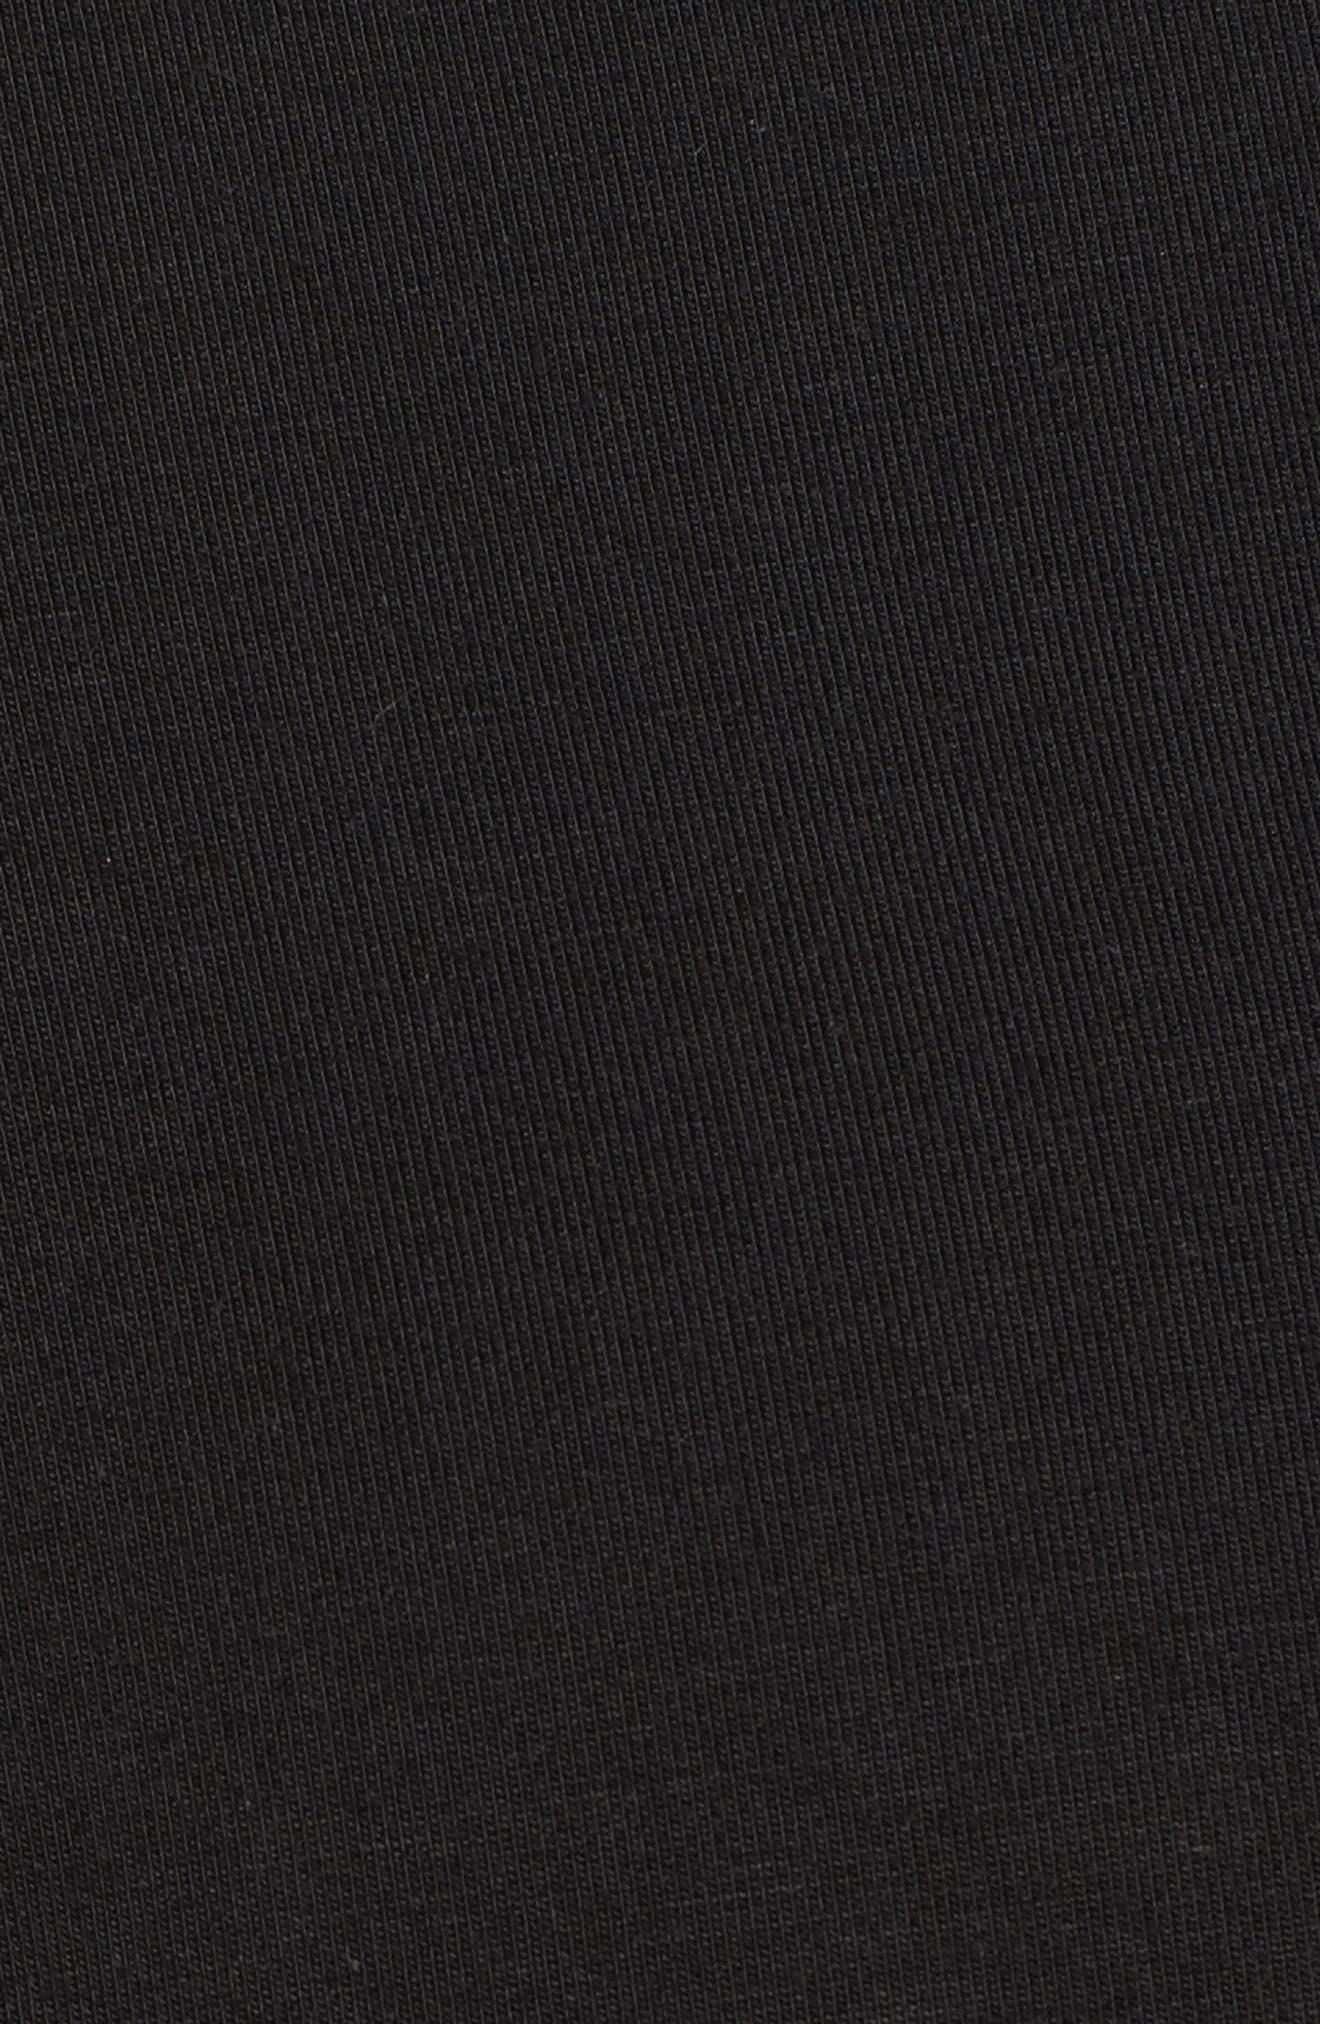 Tie Front Wide Leg Pants,                             Alternate thumbnail 5, color,                             Black